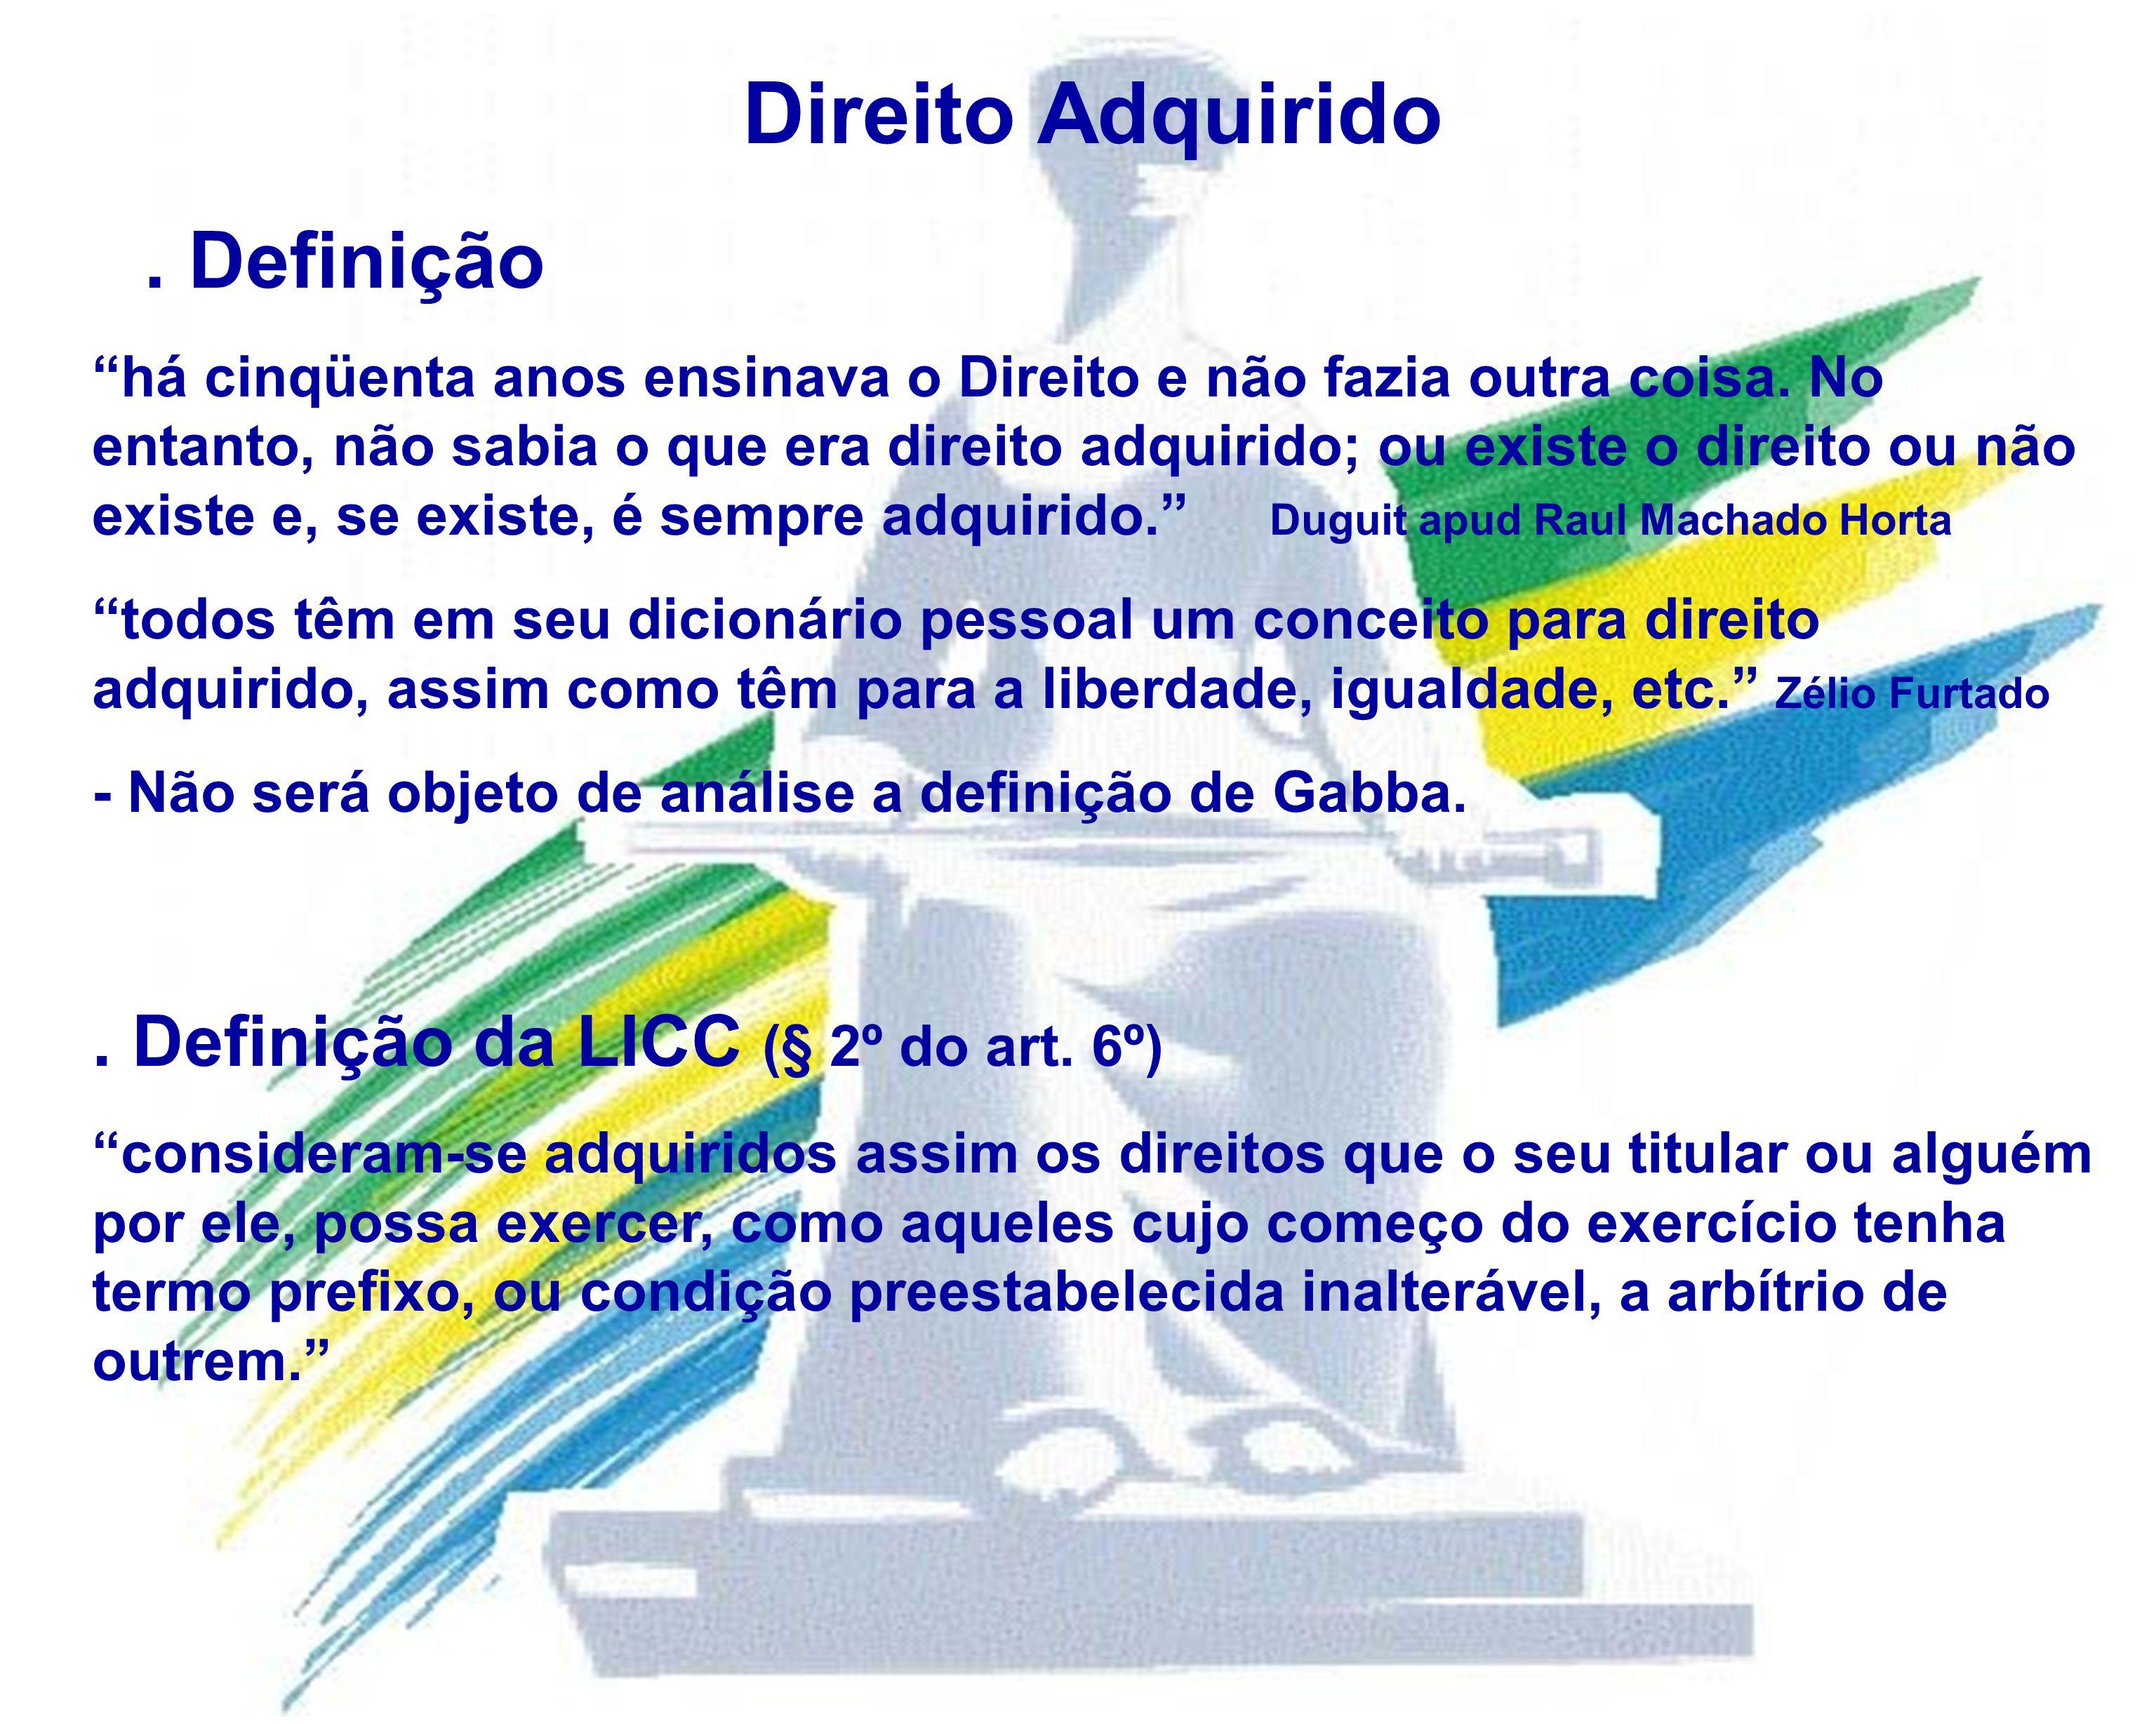 Considerações sobre a definição da LICC - é aquele que o seu titular pode exercer.; - Direito a termo e sob condição.